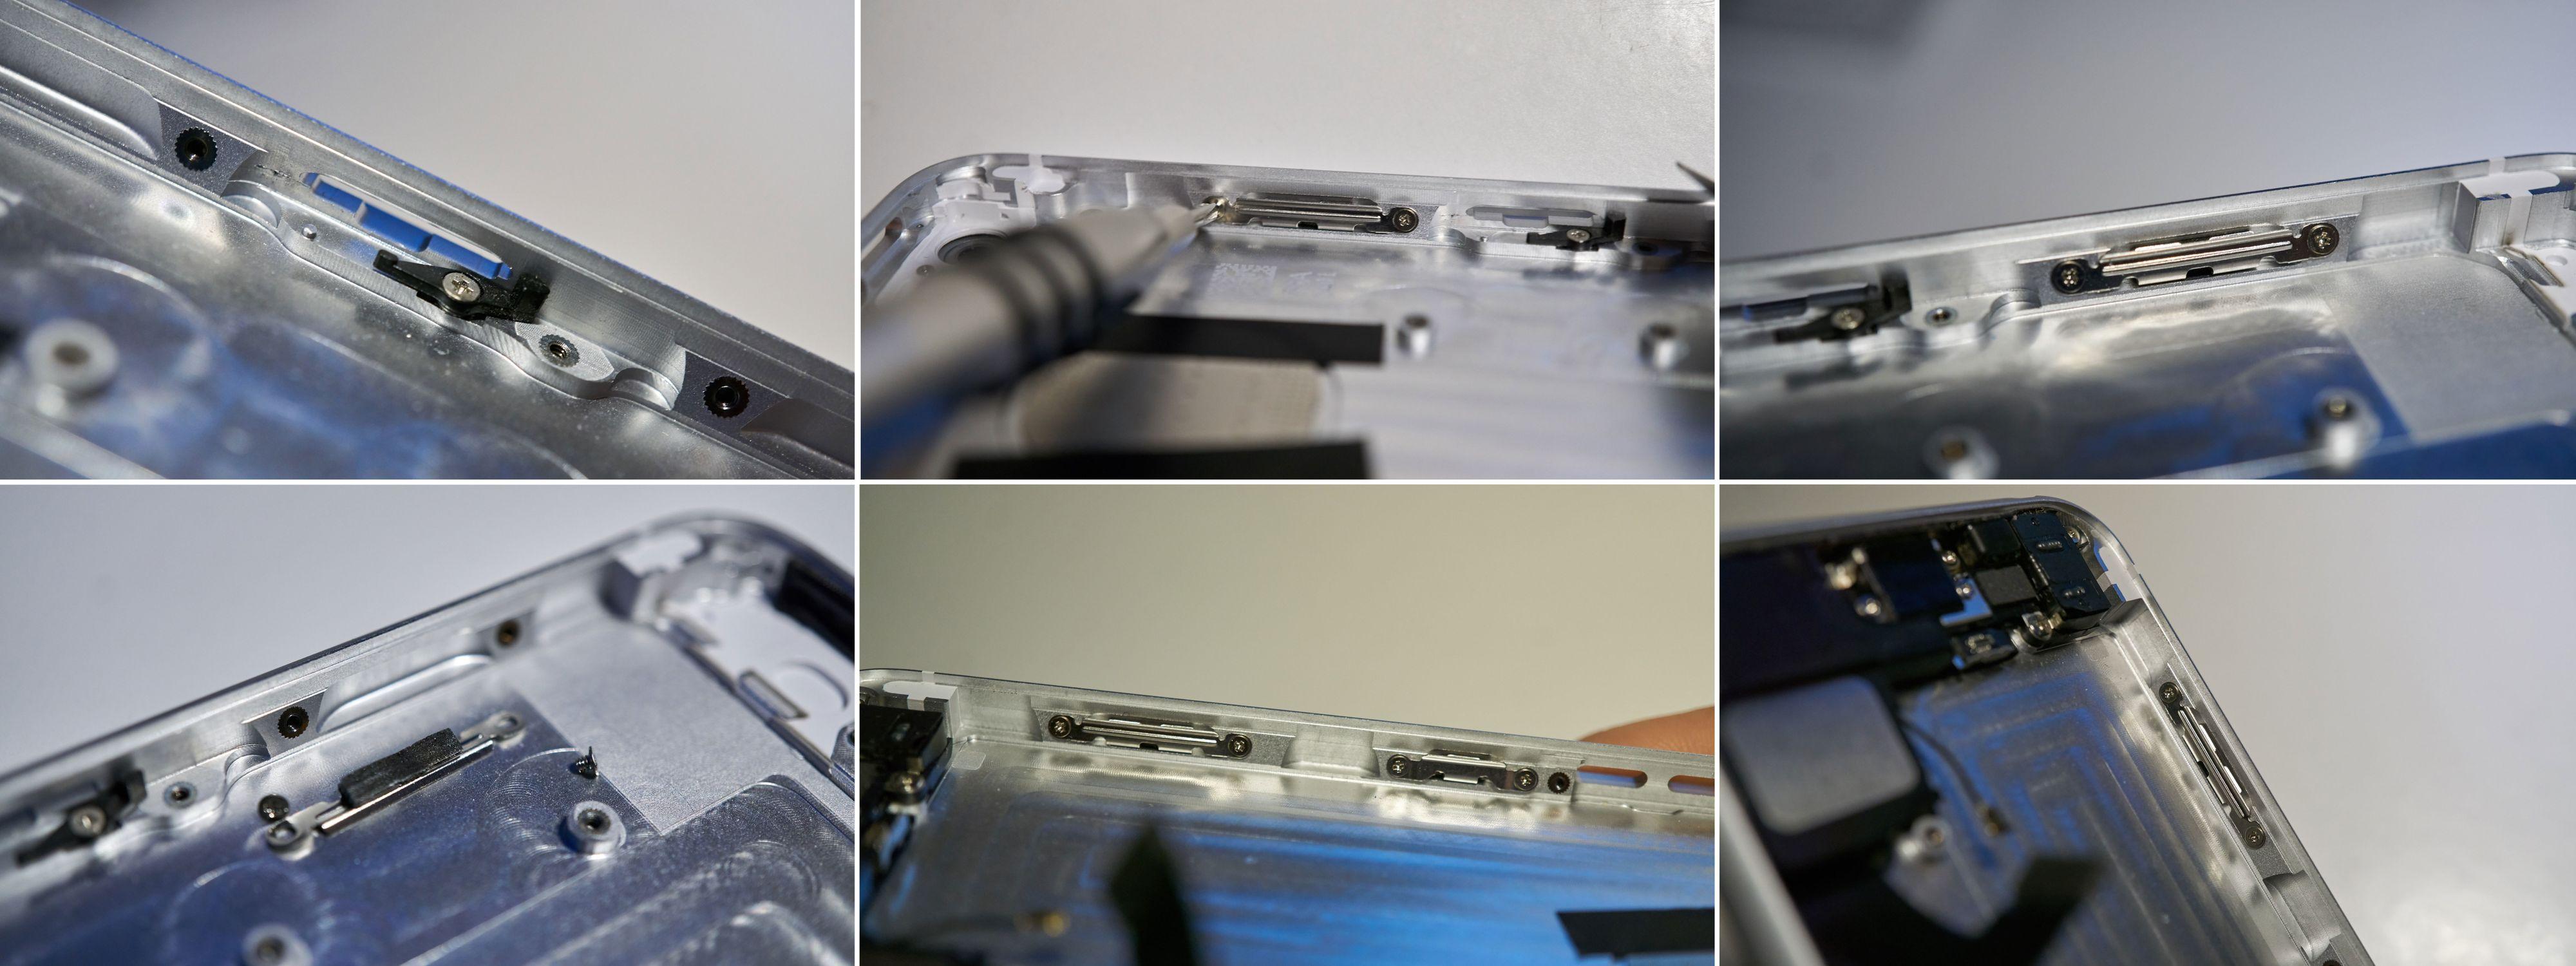 Masse små metallbraketter, samt plastbiten som låser SIM-kortluka måtte skrus ut fra det gamle og inn i det nye skallet.